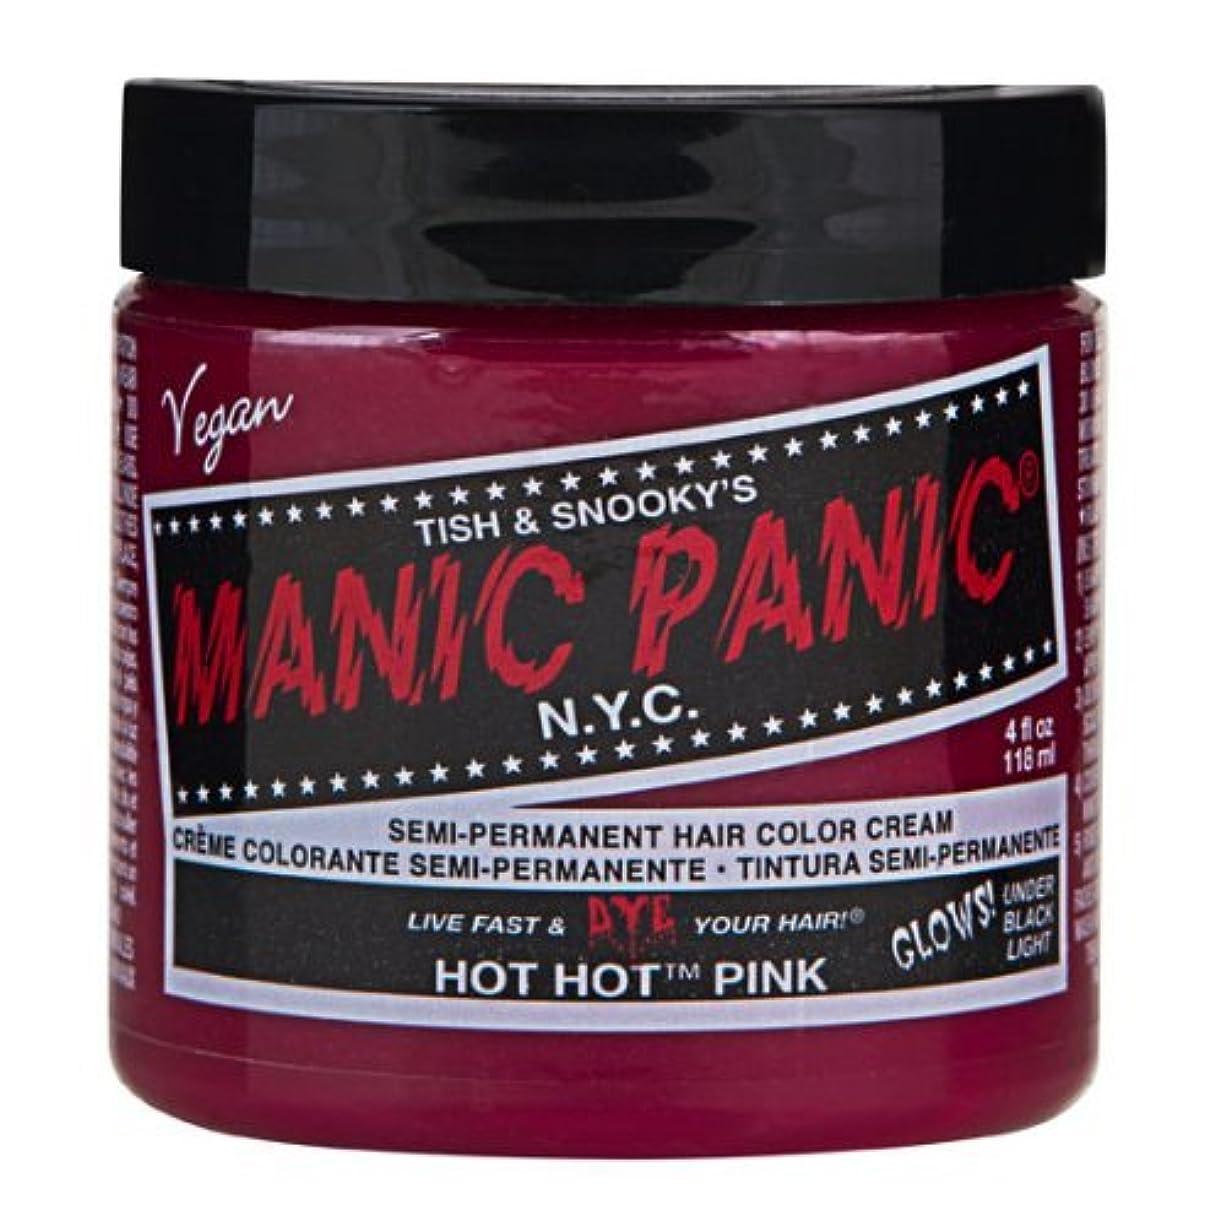 分解する数字デンマークマニックパニック MANIC PANIC ヘアカラー 118mlホットホットピンク ヘアーカラー